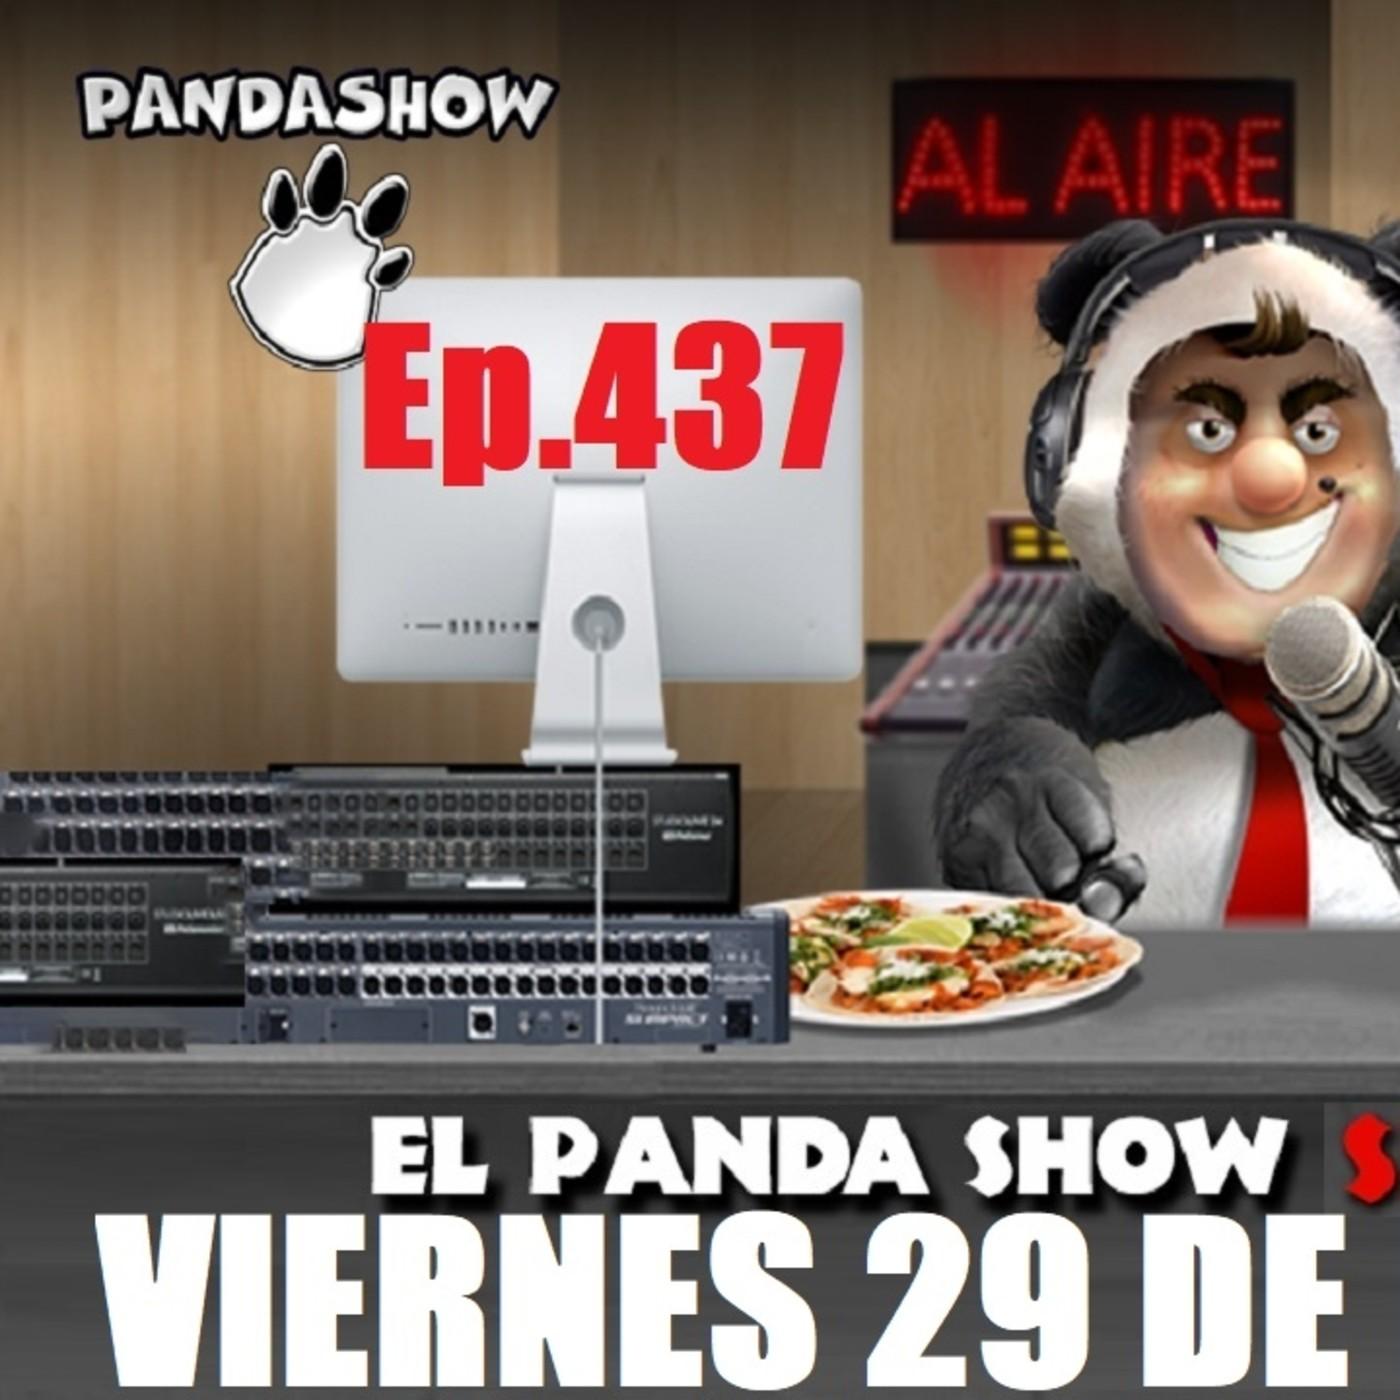 EL PANDA SHOW Ep. 437 VIERNES 29 DE MAYO 2020 (COMPLETO)